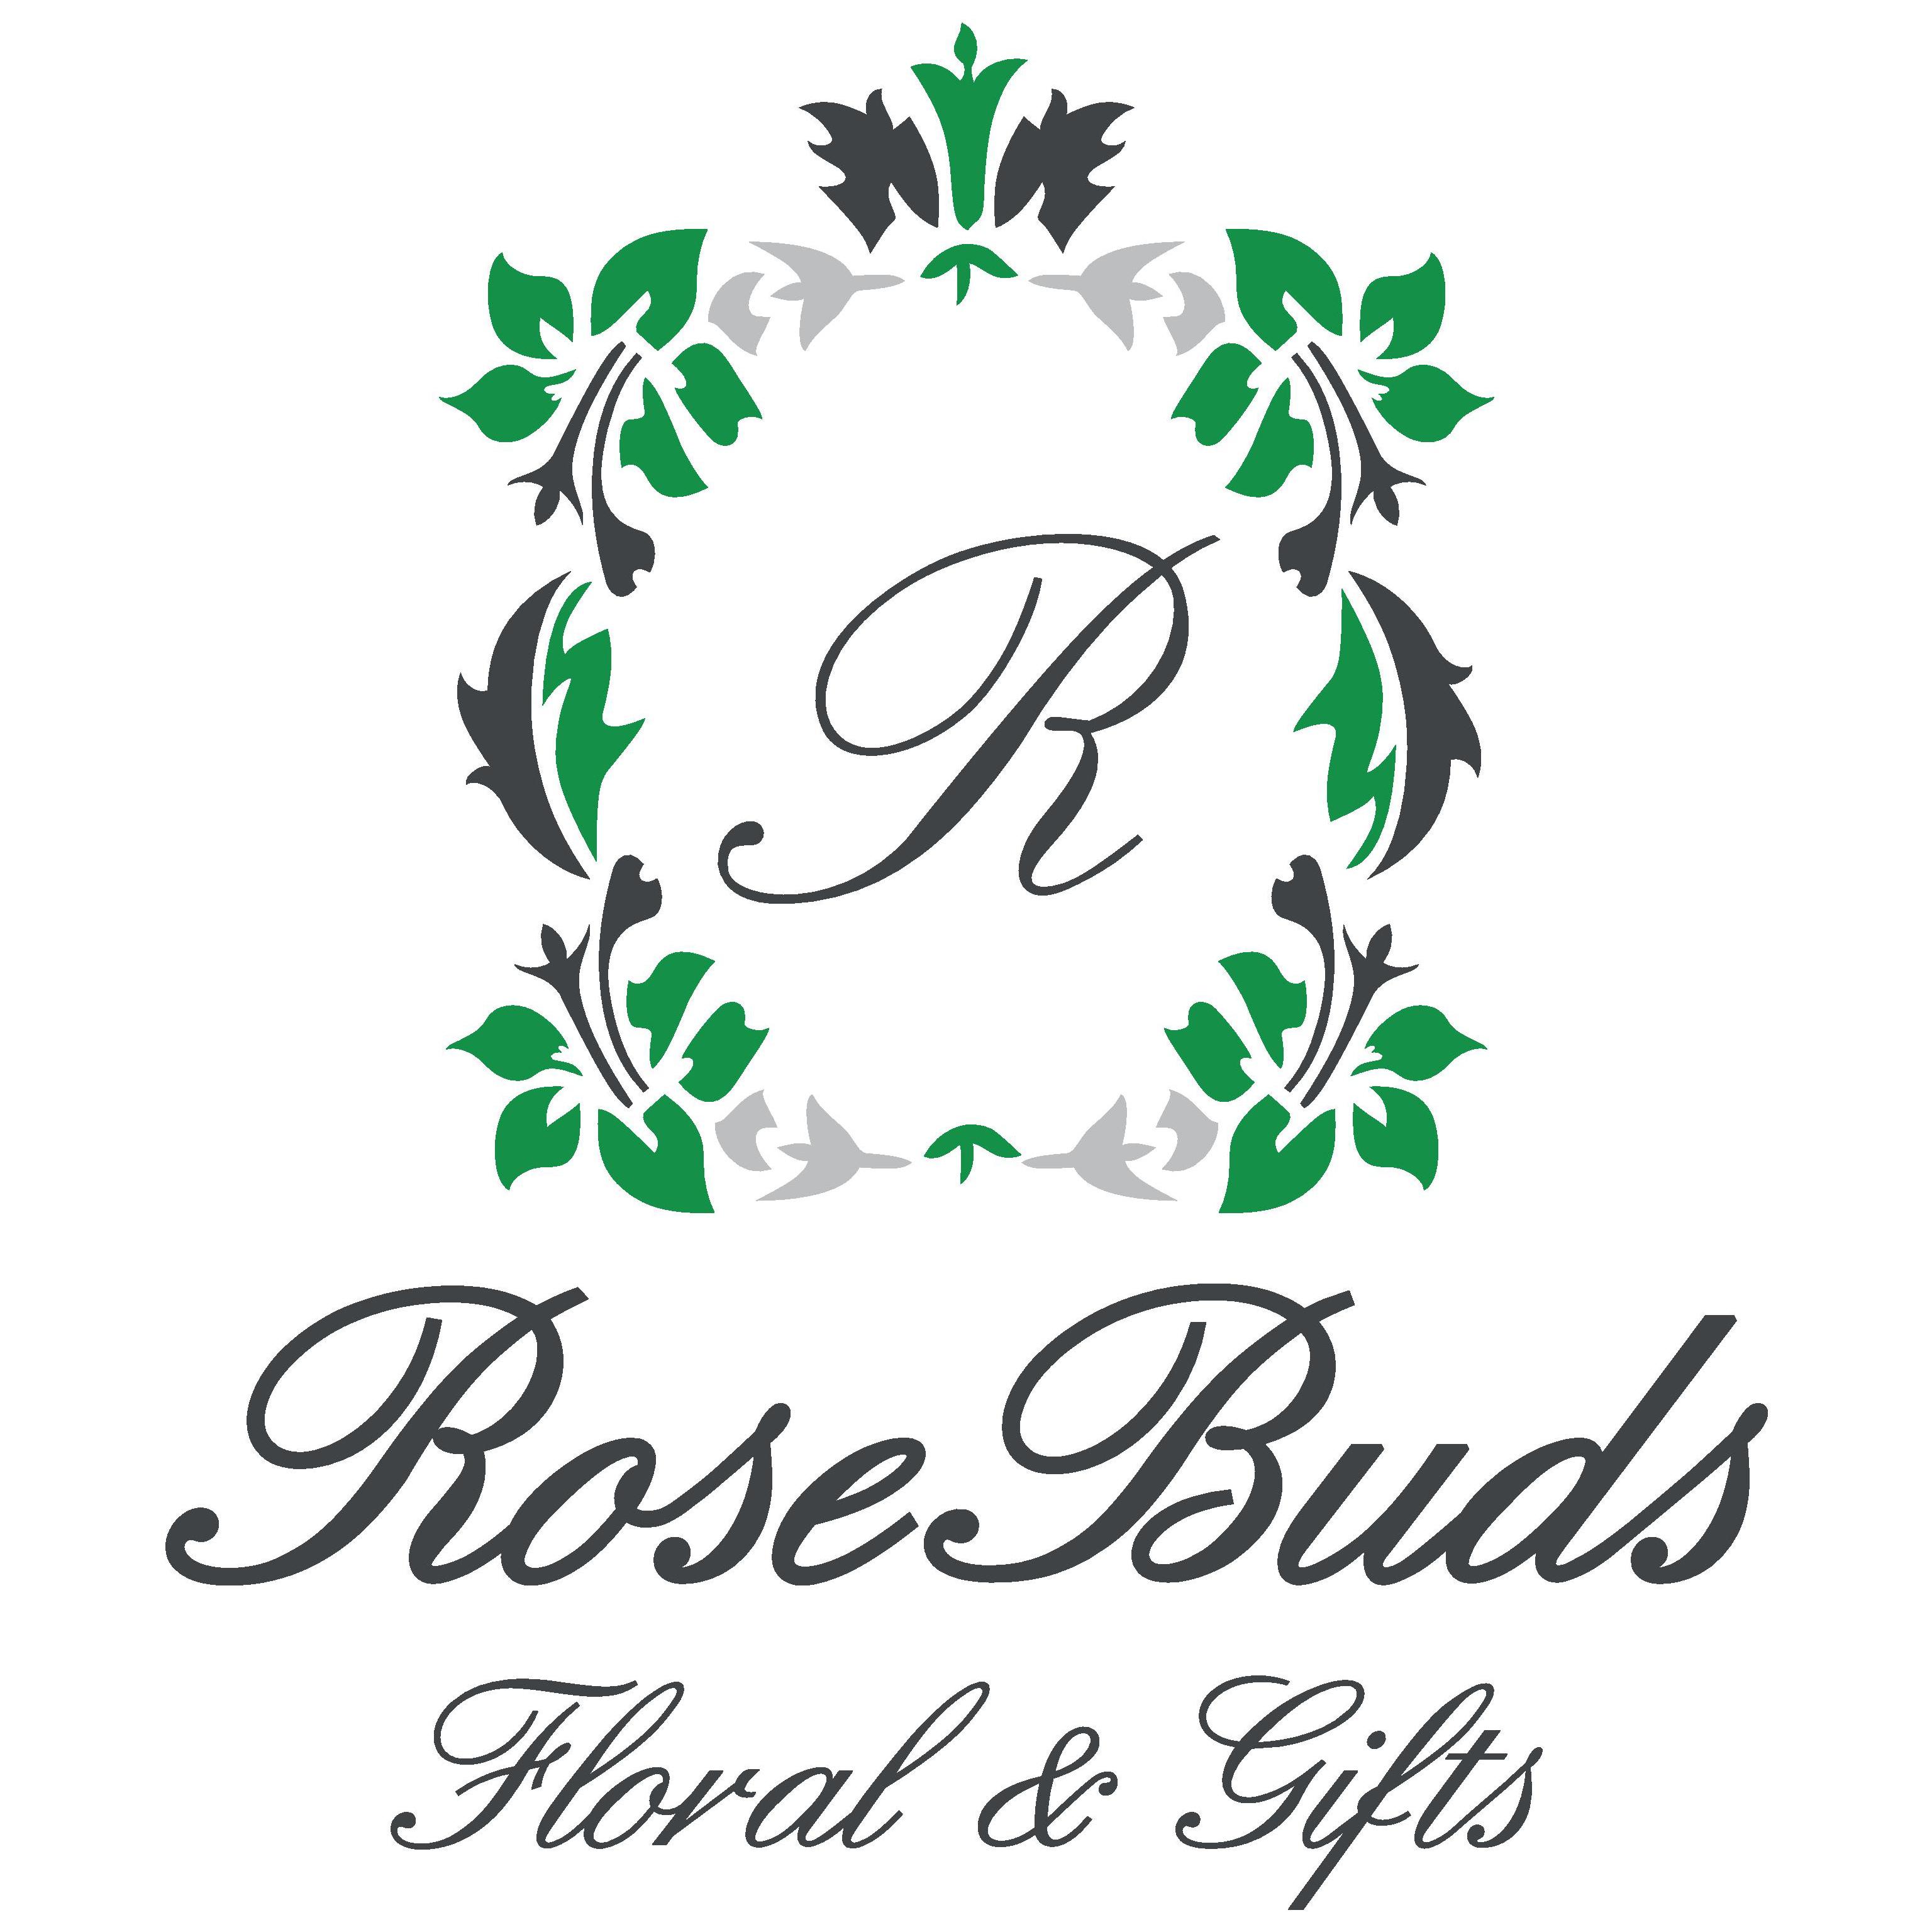 RoseBuds Floral & Gifts